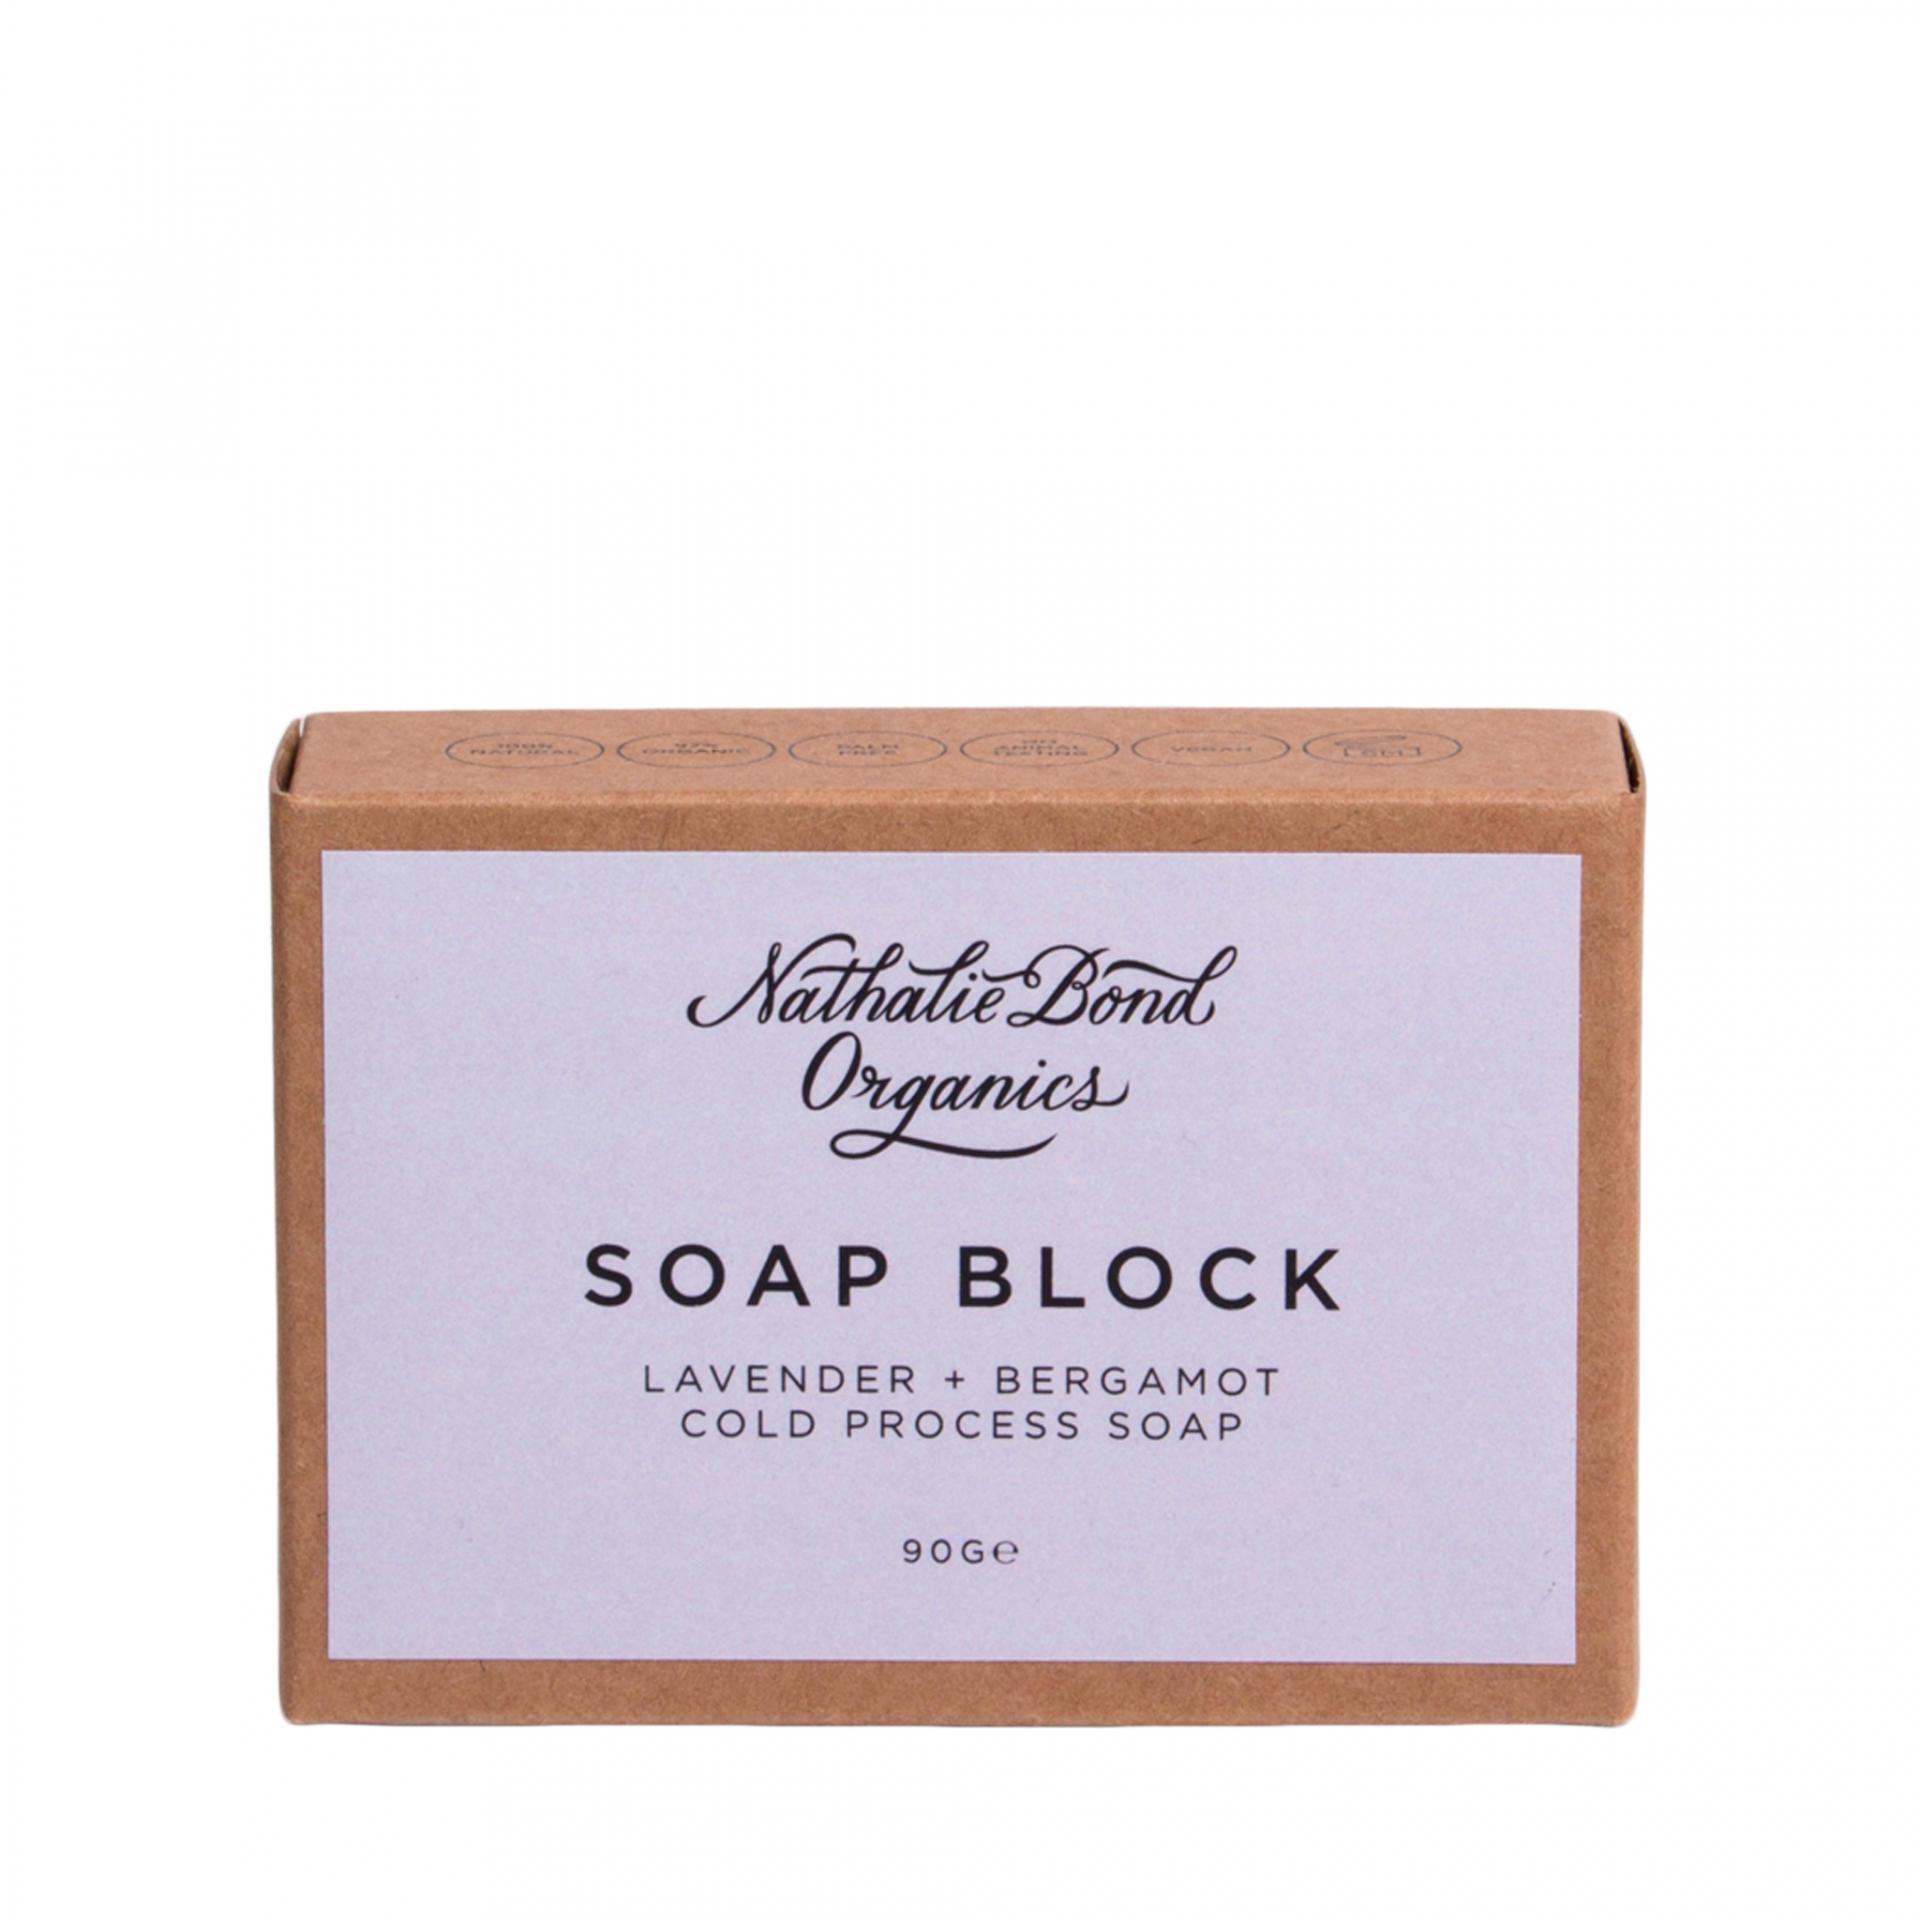 Nathalie Bond Přírodní mýdlo Lavender + Bergamot 90 g, fialová barva, hnědá barva, papír